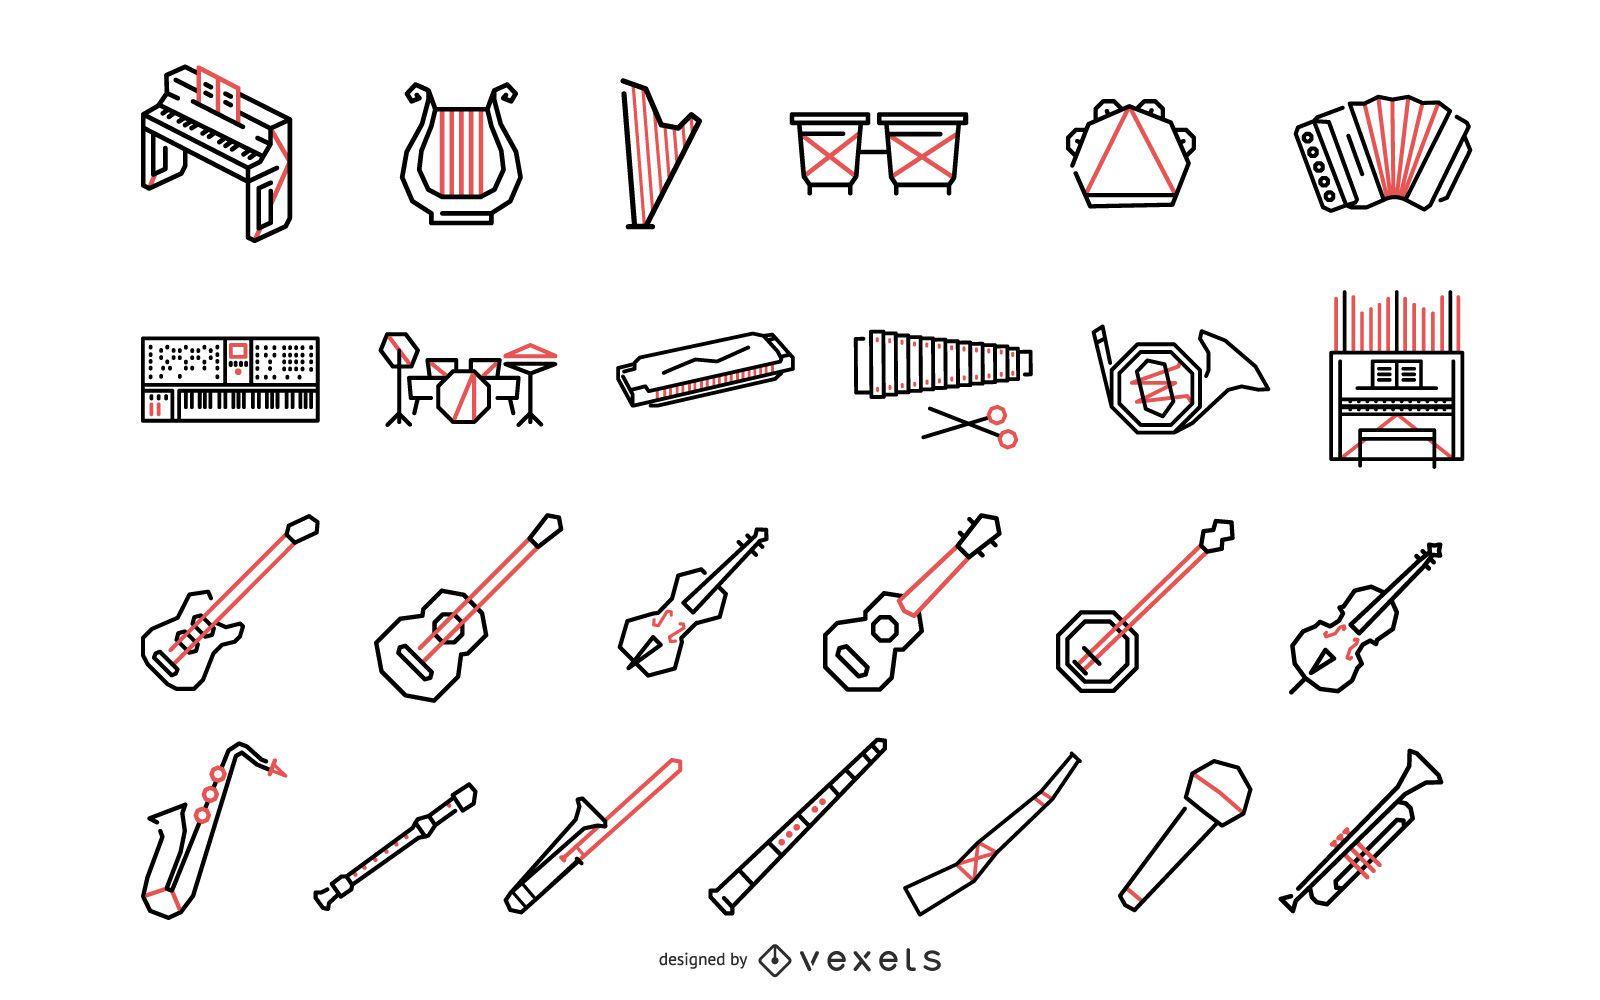 Colecci?n de instrumentos musicales poligonales